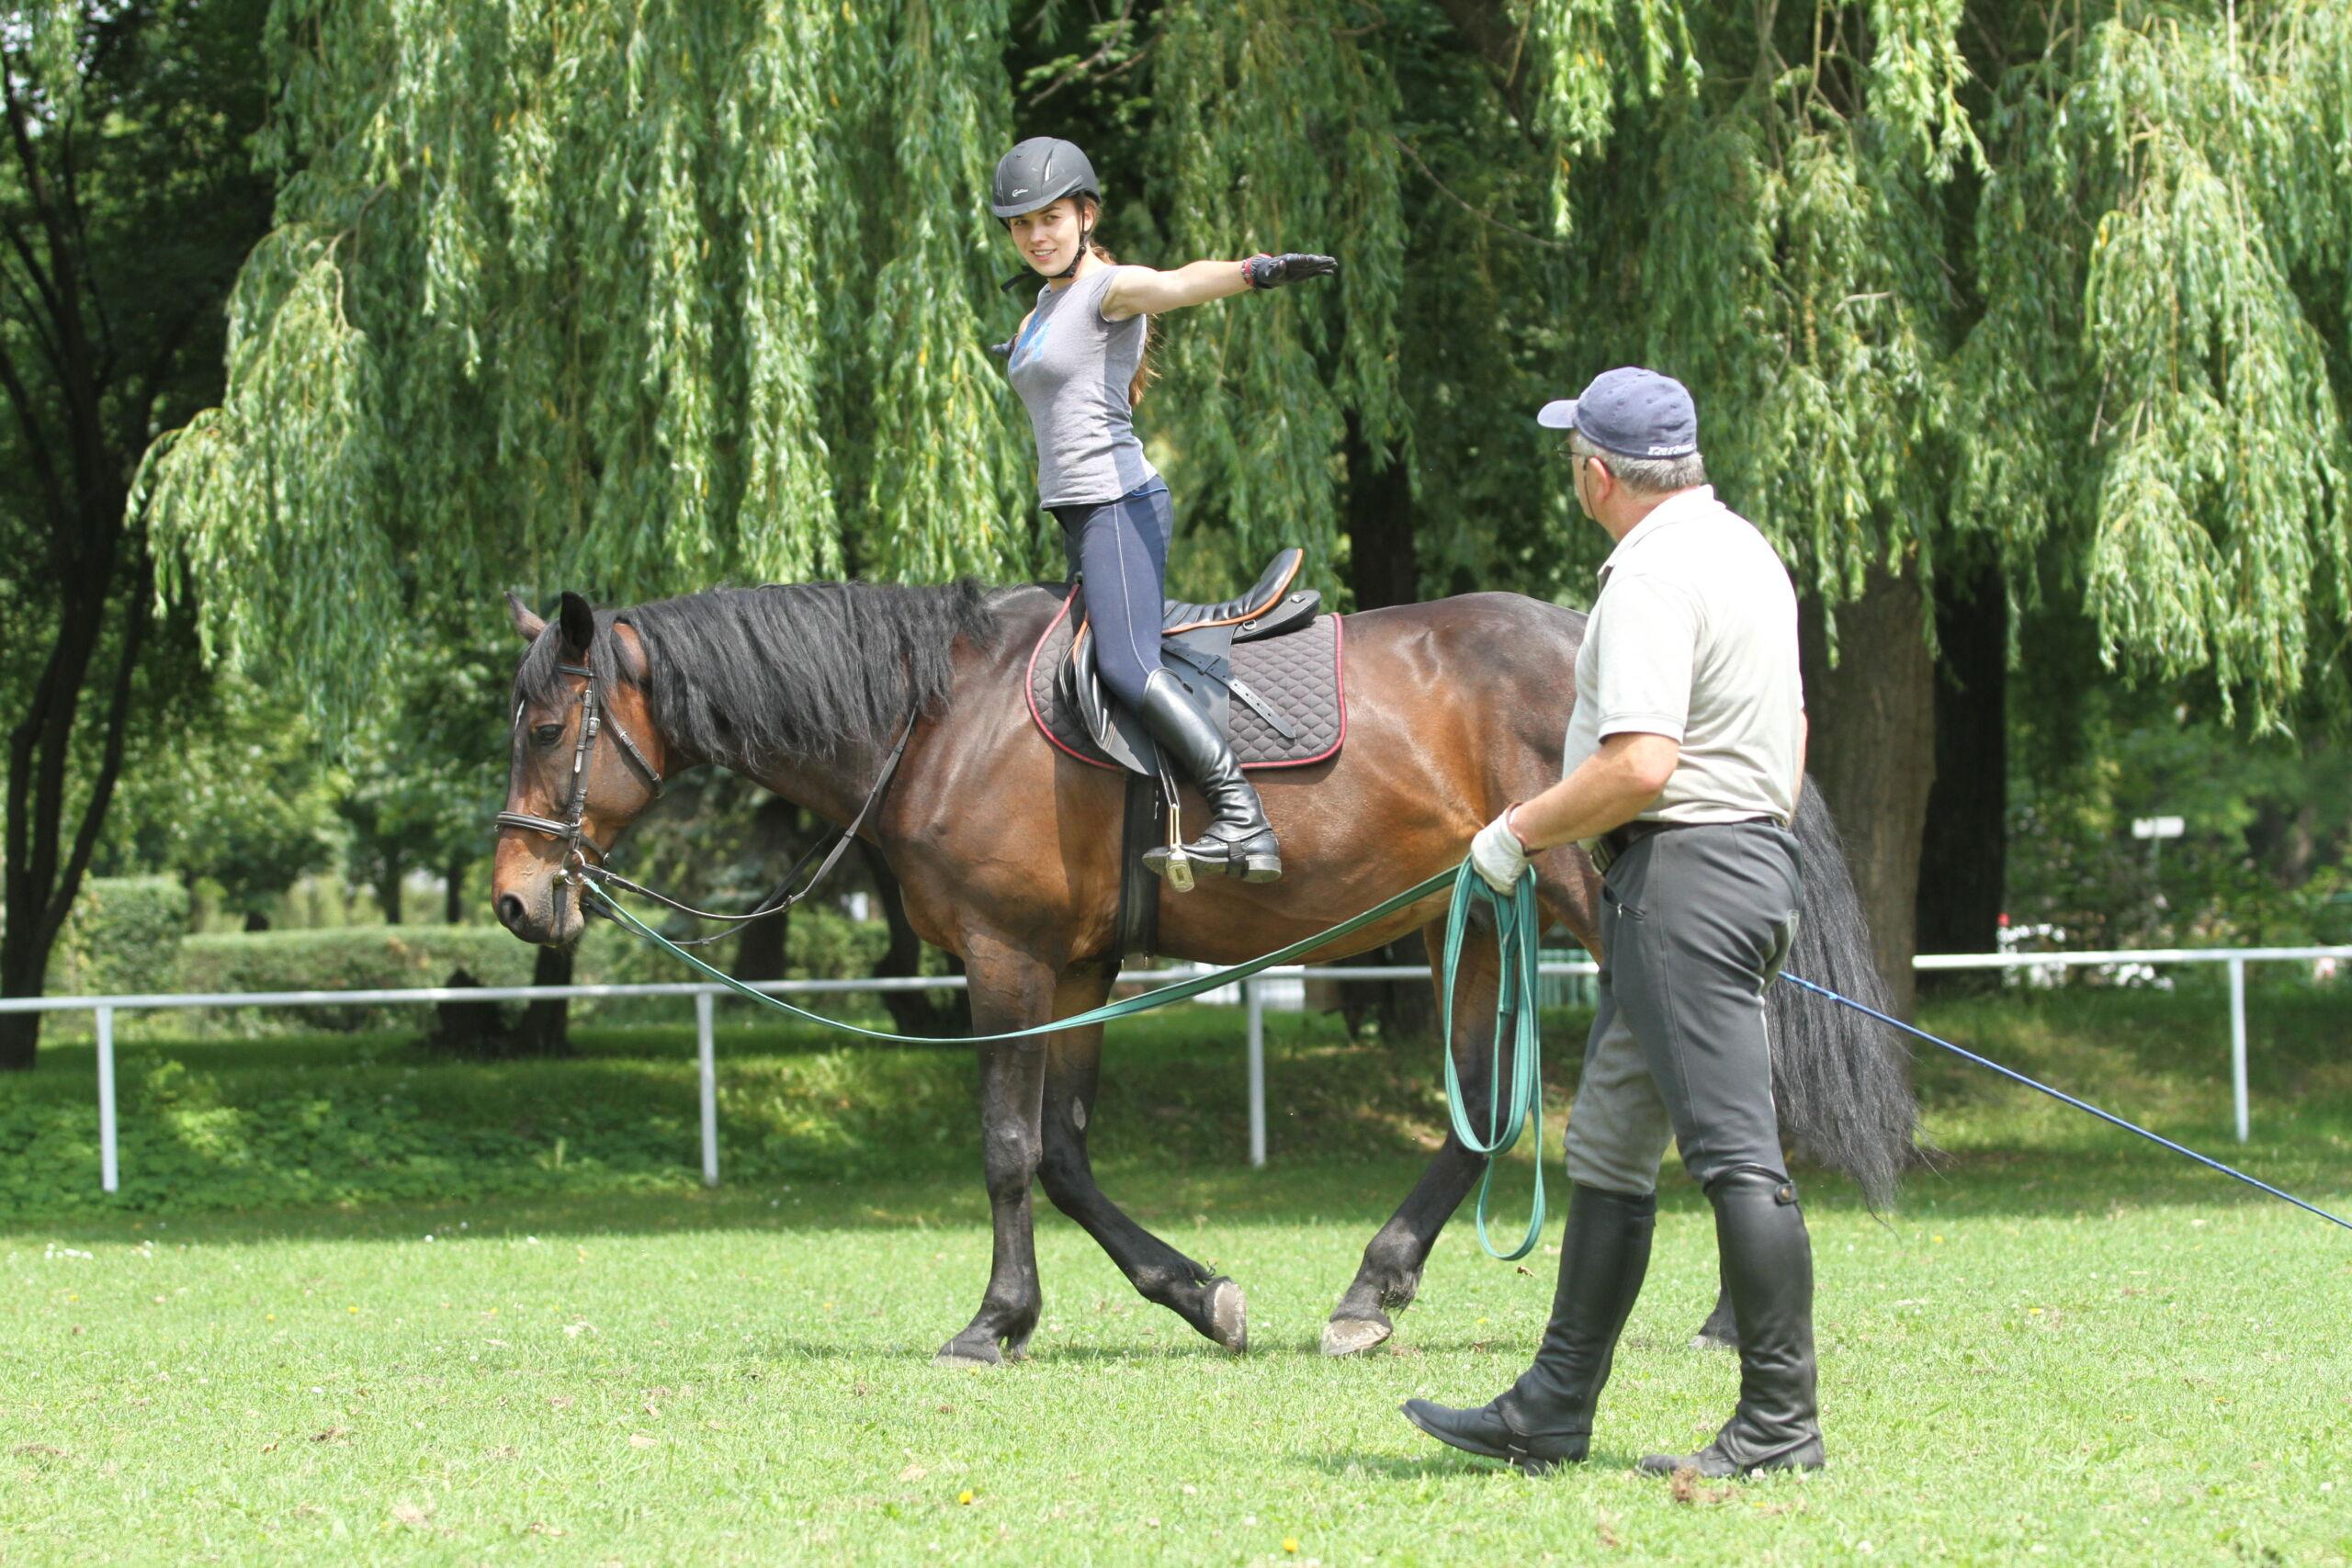 img: Nauka jazdy konnej na lonży na kucach (dzieci) i dużych koniach (dorośli)